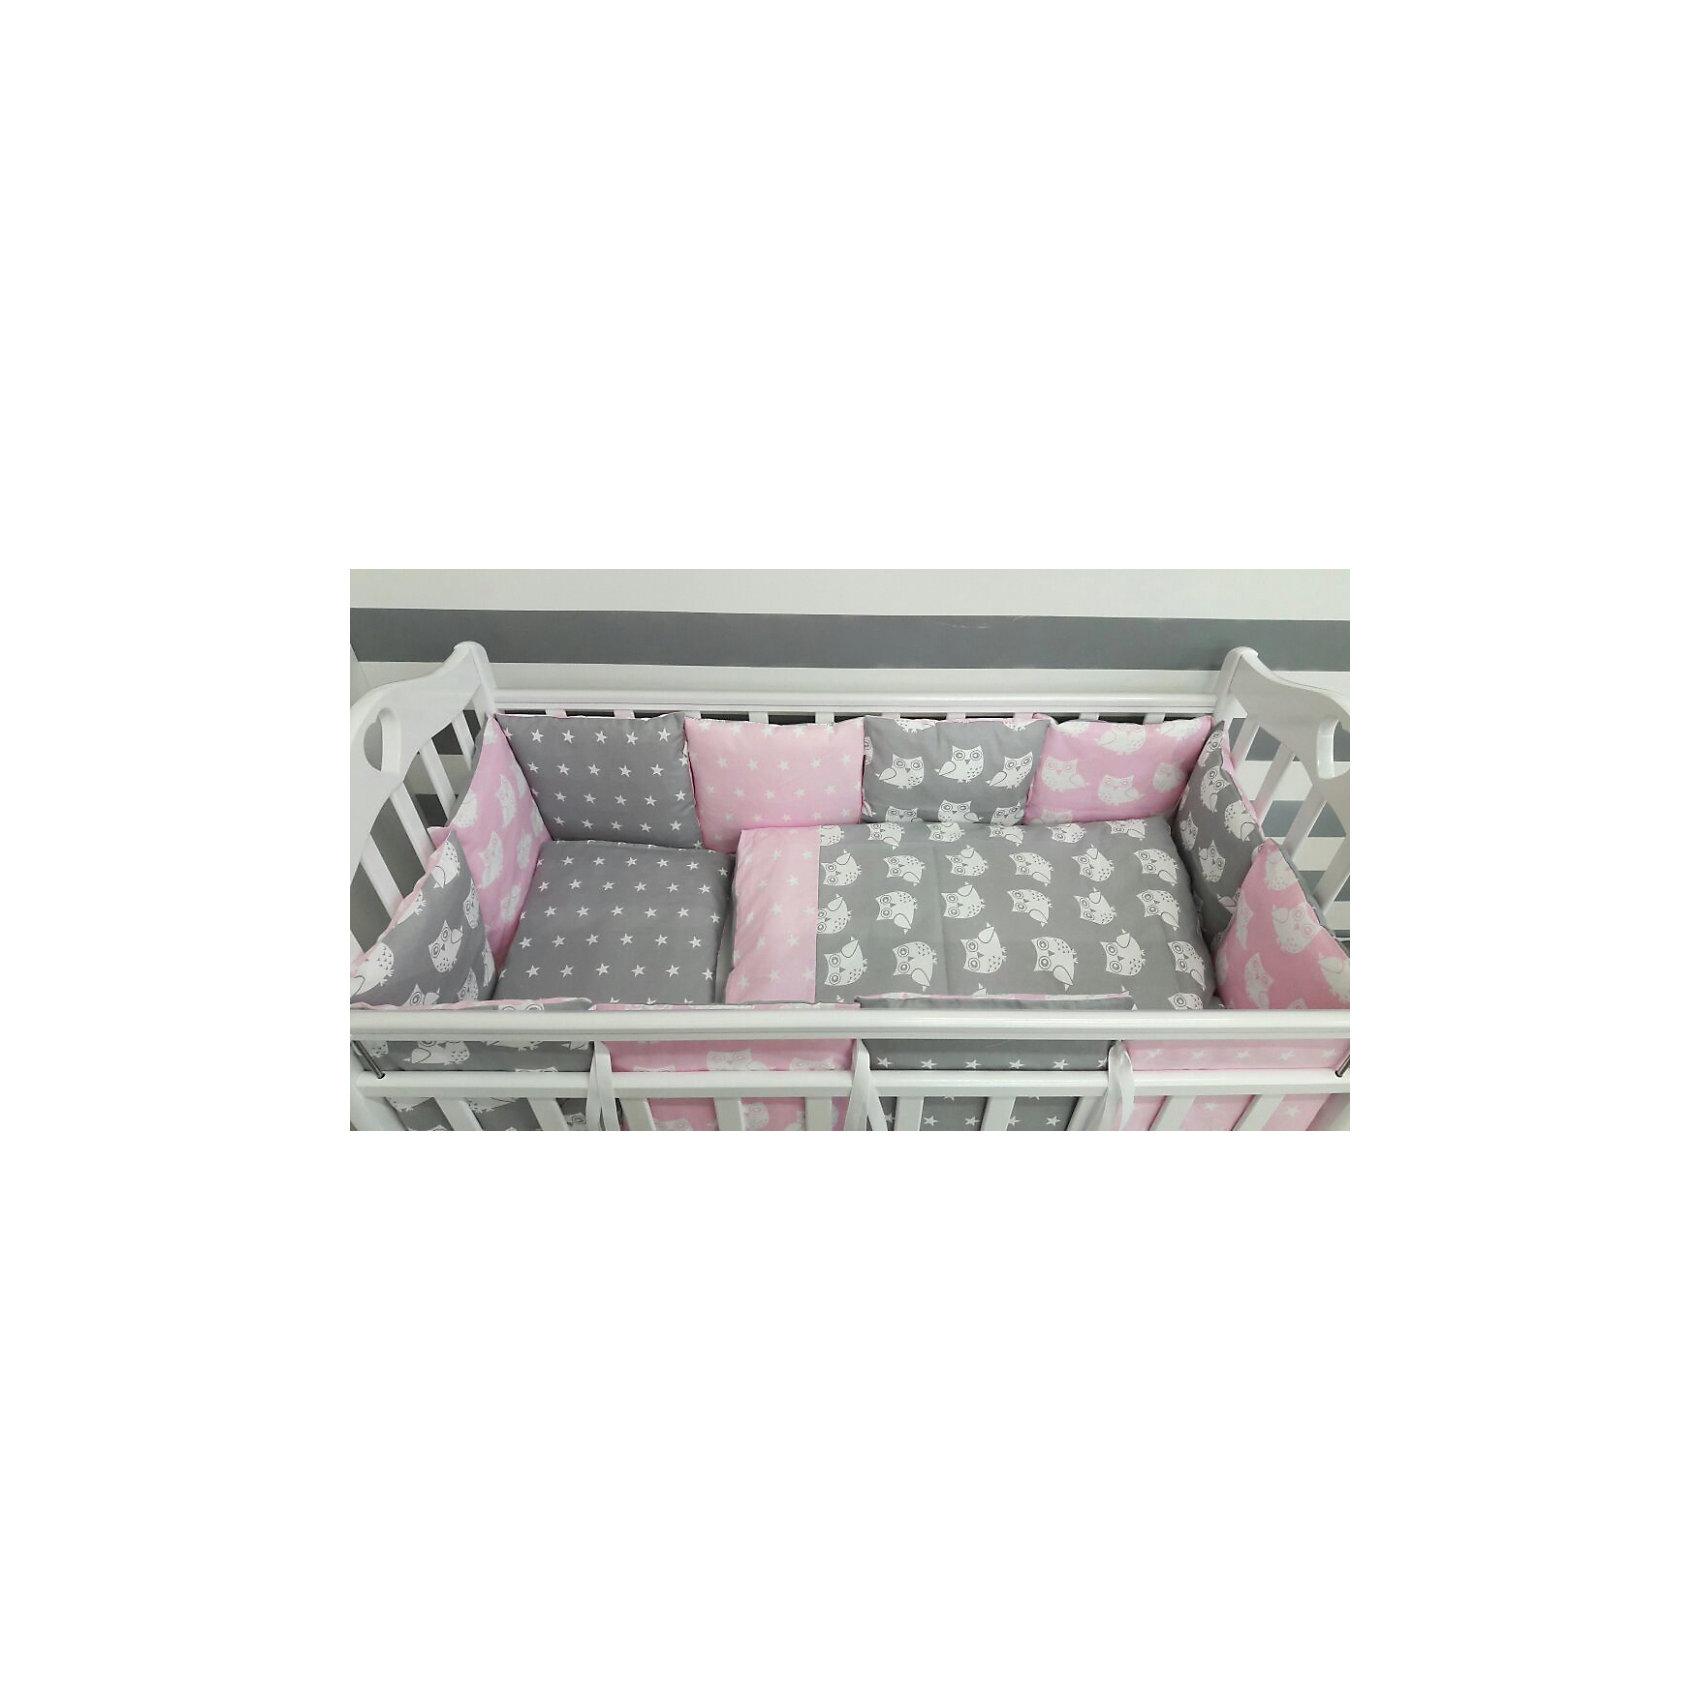 Постельное белье Совы 6 пред., by Twinz, розовыйПостельное бельё<br>Характеристики:<br><br>• Вид домашнего текстиля: постельное белье<br>• Тип постельного белья по размерам: детское<br>• Пол: для девочки<br>• Материал: сатин, 100% <br>• Наполнитель одеяла и подушки: холофайбер, 100% (лебяжий пух)<br>• Цвет: белый, розовый, серый<br>• Тематика рисунка: совы, звездочки<br>• Комплектация: <br> бортики-подушки 59*44 см – 6 шт.<br> наволочки на бортики 60*45 см – 6 шт.<br> пододеяльник 105*145 см – 1 шт. <br> одеяло 100*140 см – 1 шт. <br> простынь на резинке 125*65 см – 1 шт. <br> подушка 35*45 см – 1 шт. <br> наволочка 36*46 см – 1 шт. <br>• Сособ крепления бортиков ук кроватке: завязки<br>• Съемные наволочки у бортиков на молнии <br>• Вес в упаковке: 3 кг<br>• Размеры упаковки (Д*Ш*В): 58*18*58 см<br>• Особенности ухода: машинная стирка при температуре 30 градусов без использования отбеливающих веществ<br><br>Постельное белье Совята 6 пред., by Twinz, розовый изготовлено под отечественным торговым брендом, выпускающим текстиль и мебель из натуральных материалов для новорожденных и детей. Комплект состоит из шести предметов: одеяла, подушки, пододеяльника, простыни, наволочки и комплекта бортиков. <br><br>Размер изделий подходит для деткских кроваток классических моделей размером 100*60 см и 125*65 см. Комплект выполнен из сатина, который обладает мягкостью, гигроскопичностью, гипоаллергенностью, прочностью полотна и яркостью расцветок. Тщательно выполненные внутренние швы на изделиях обеспечивают постельному белью длительный срок службы и защиту от деформации даже при частых стирках. Для одеяла, подушки и бортиков использован экологически безопасный и не вызывающий аллергии искусственное волокно – холлофайбер. <br><br>Комплект бортиков состоит из 6-ти подушек с наволочками на молниях. Подушки фиксируются к кроватке с помощью завязок. Простынь за счет резинок хорошо фиксируется на матрасике, что препятствует ее сползанию и сбиванию даже во время беспокойного сна. Посте